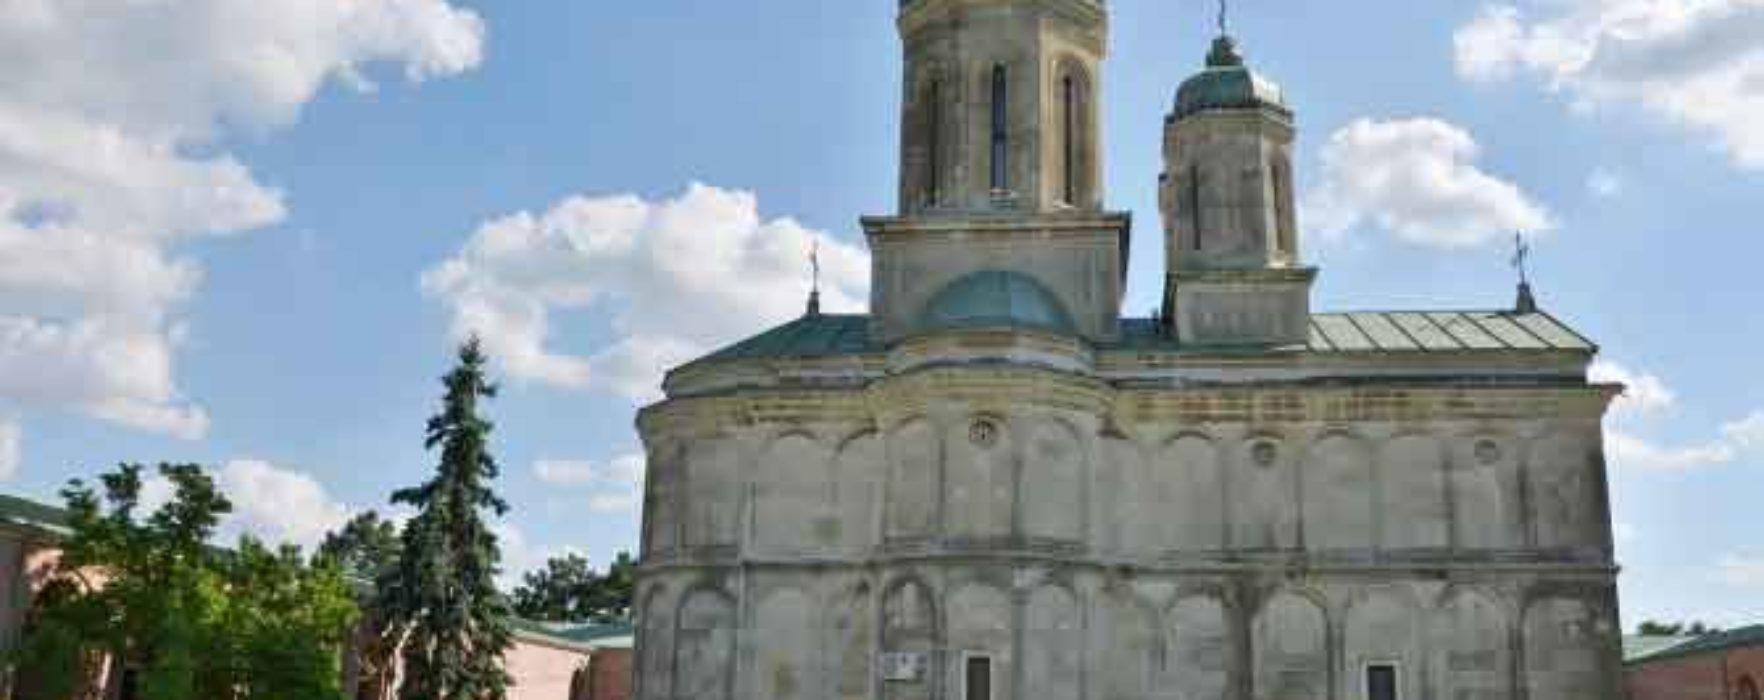 Dâmboviţa: Ceremonie de pomenire la 420 de ani de la moartea lui Mihai Viteazul, la Mănăstirea Dealu, unde e capul voievodului